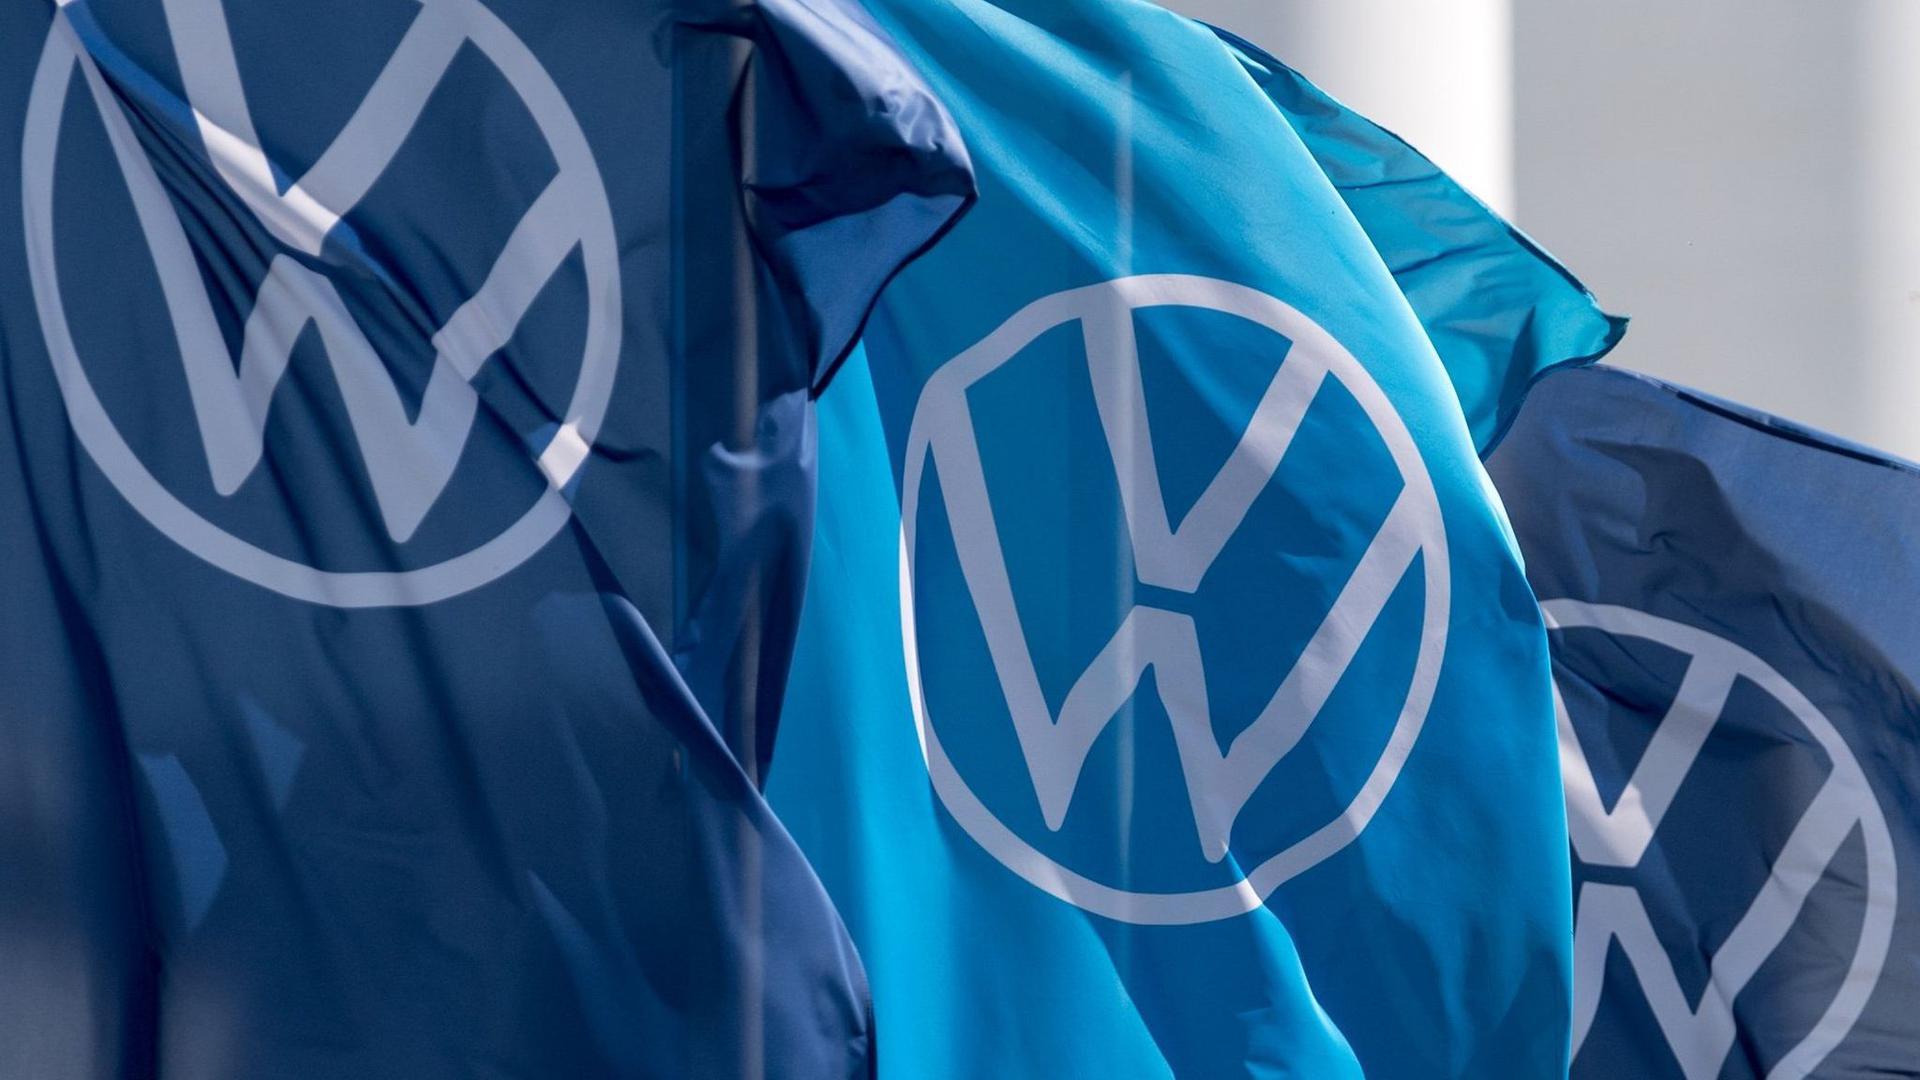 Die Corona-Krise hat den Verkäufen des Volkswagen-Konzerns 2020 - außer bei E-Fahrzeugen einen kräftigen Dämpfer verpasst.